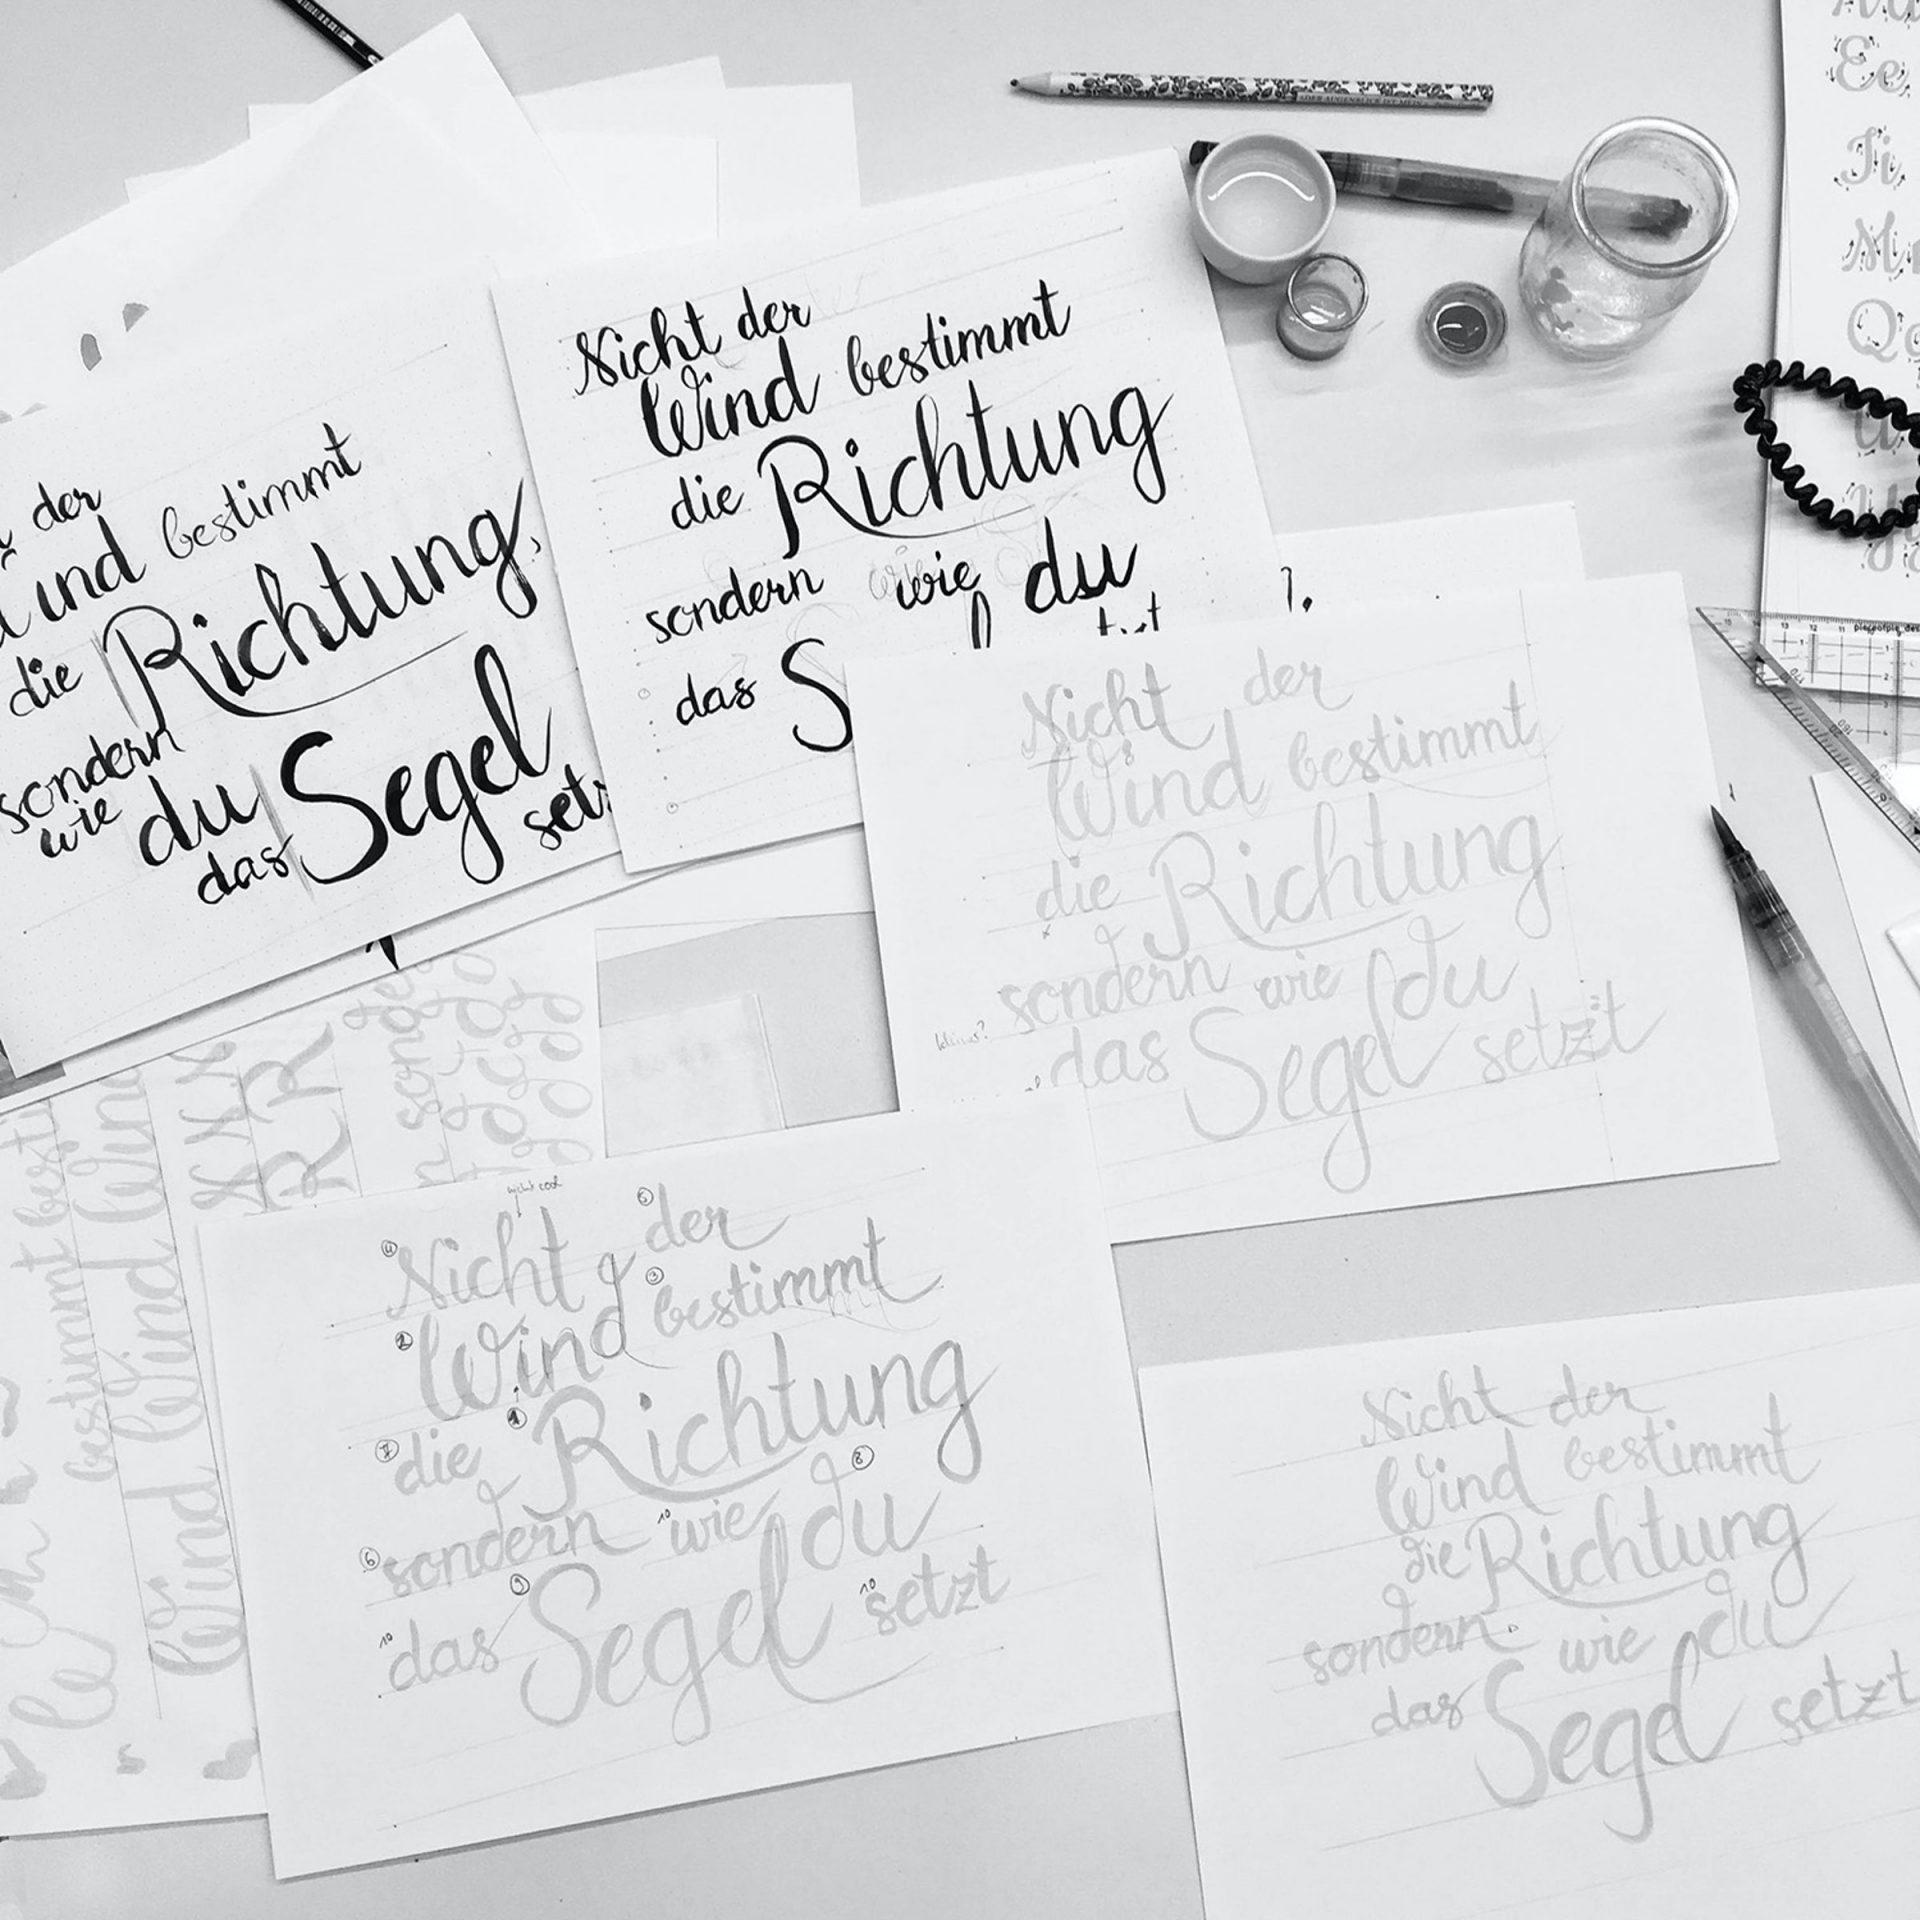 Sauber beschriftete Papierblätter auf Tisch